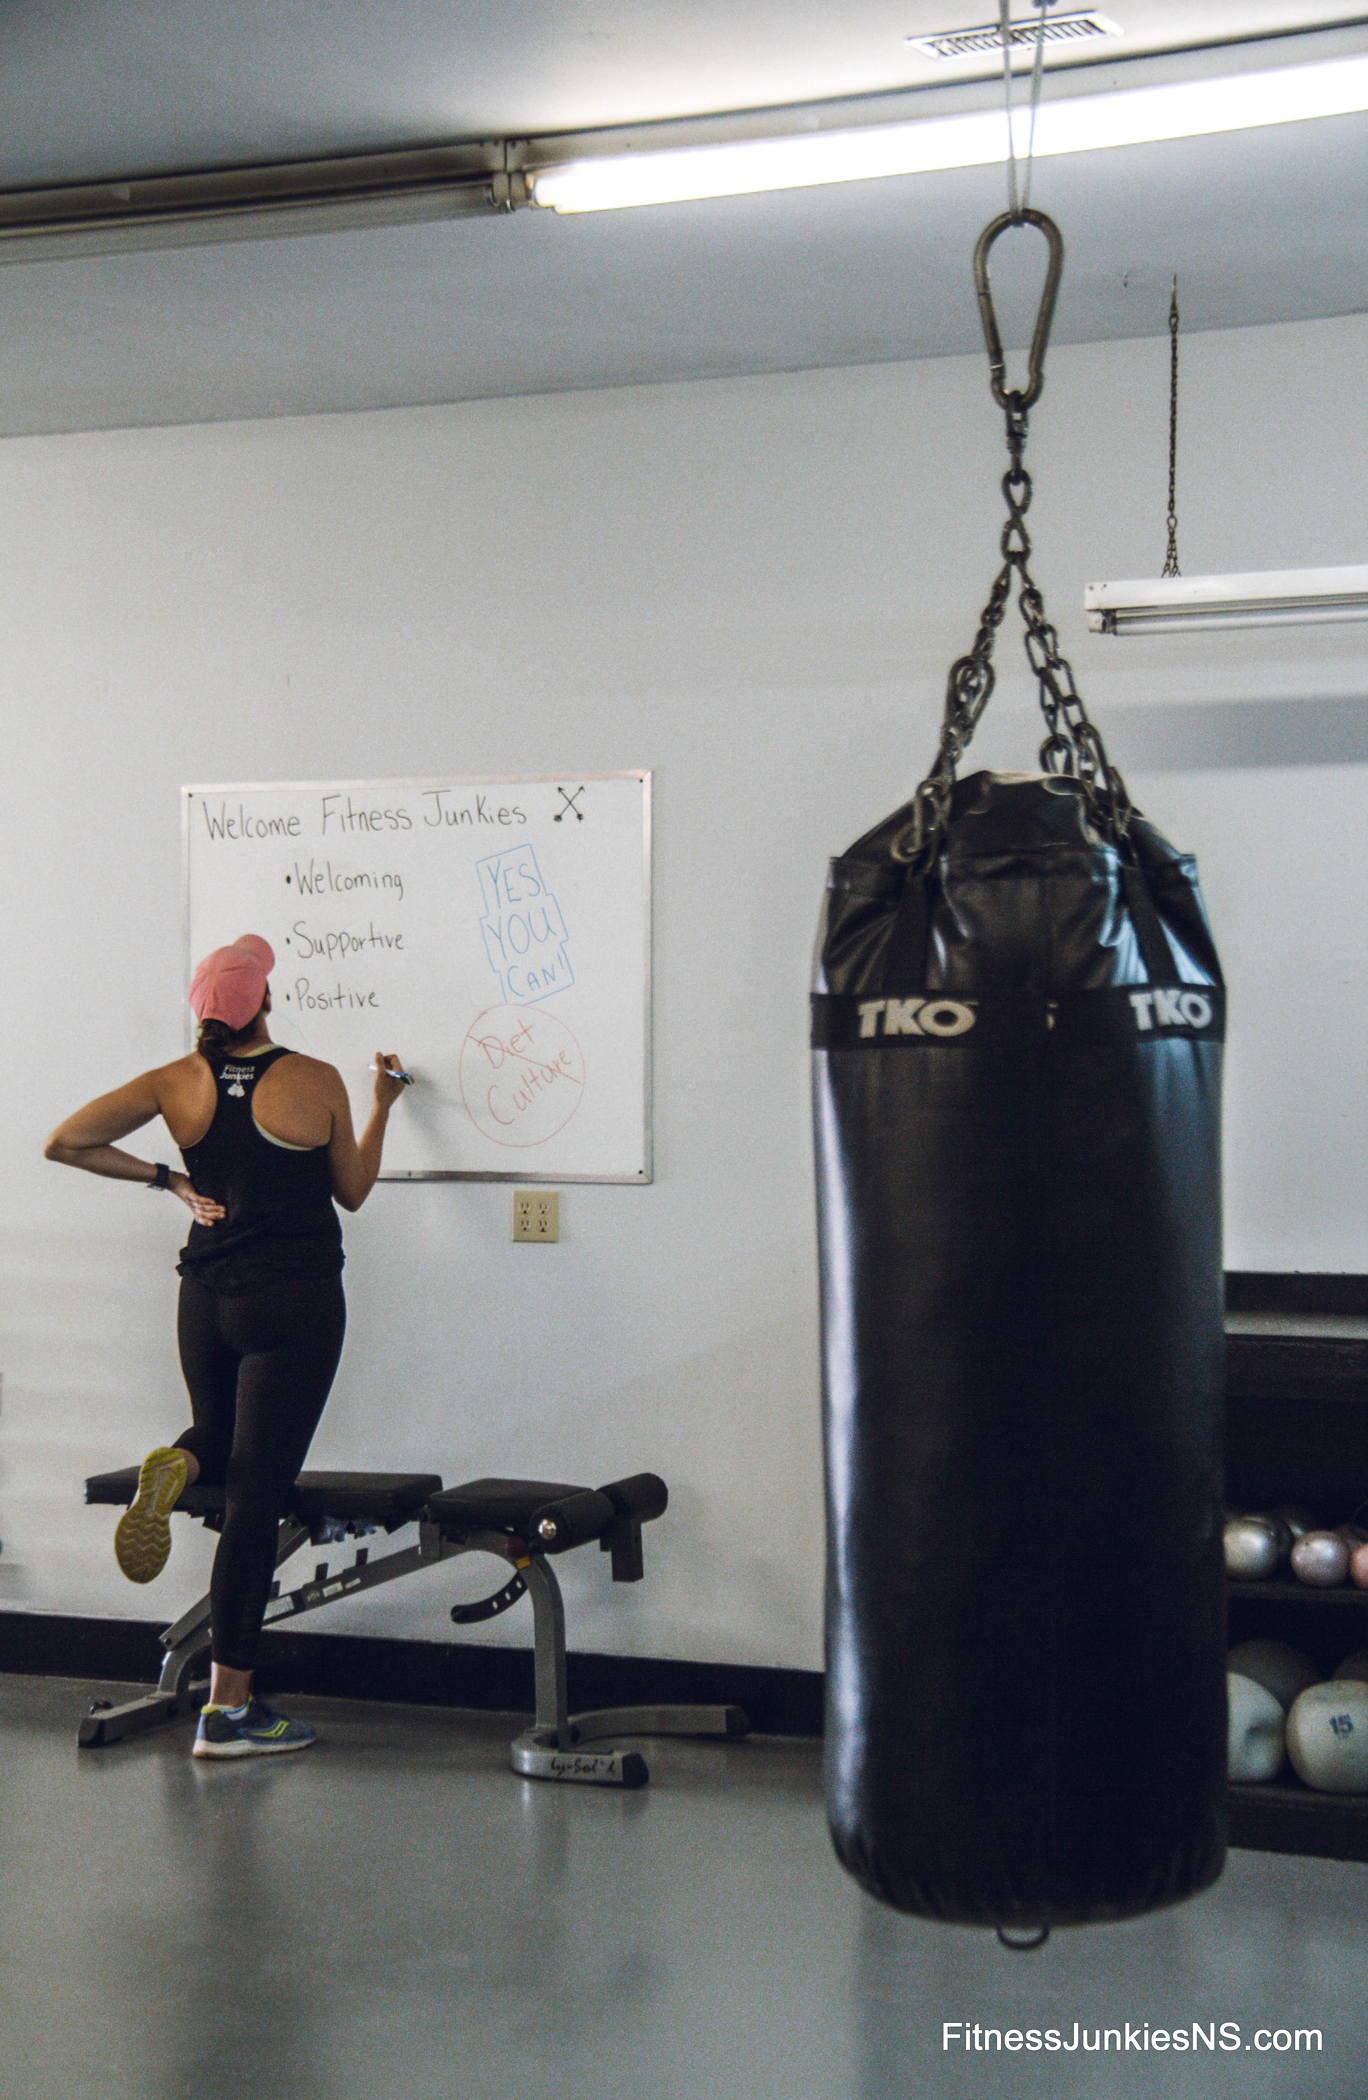 168-Fitness Junkies Windsor NS 9-22-2019 7-06-15 PM.jpg